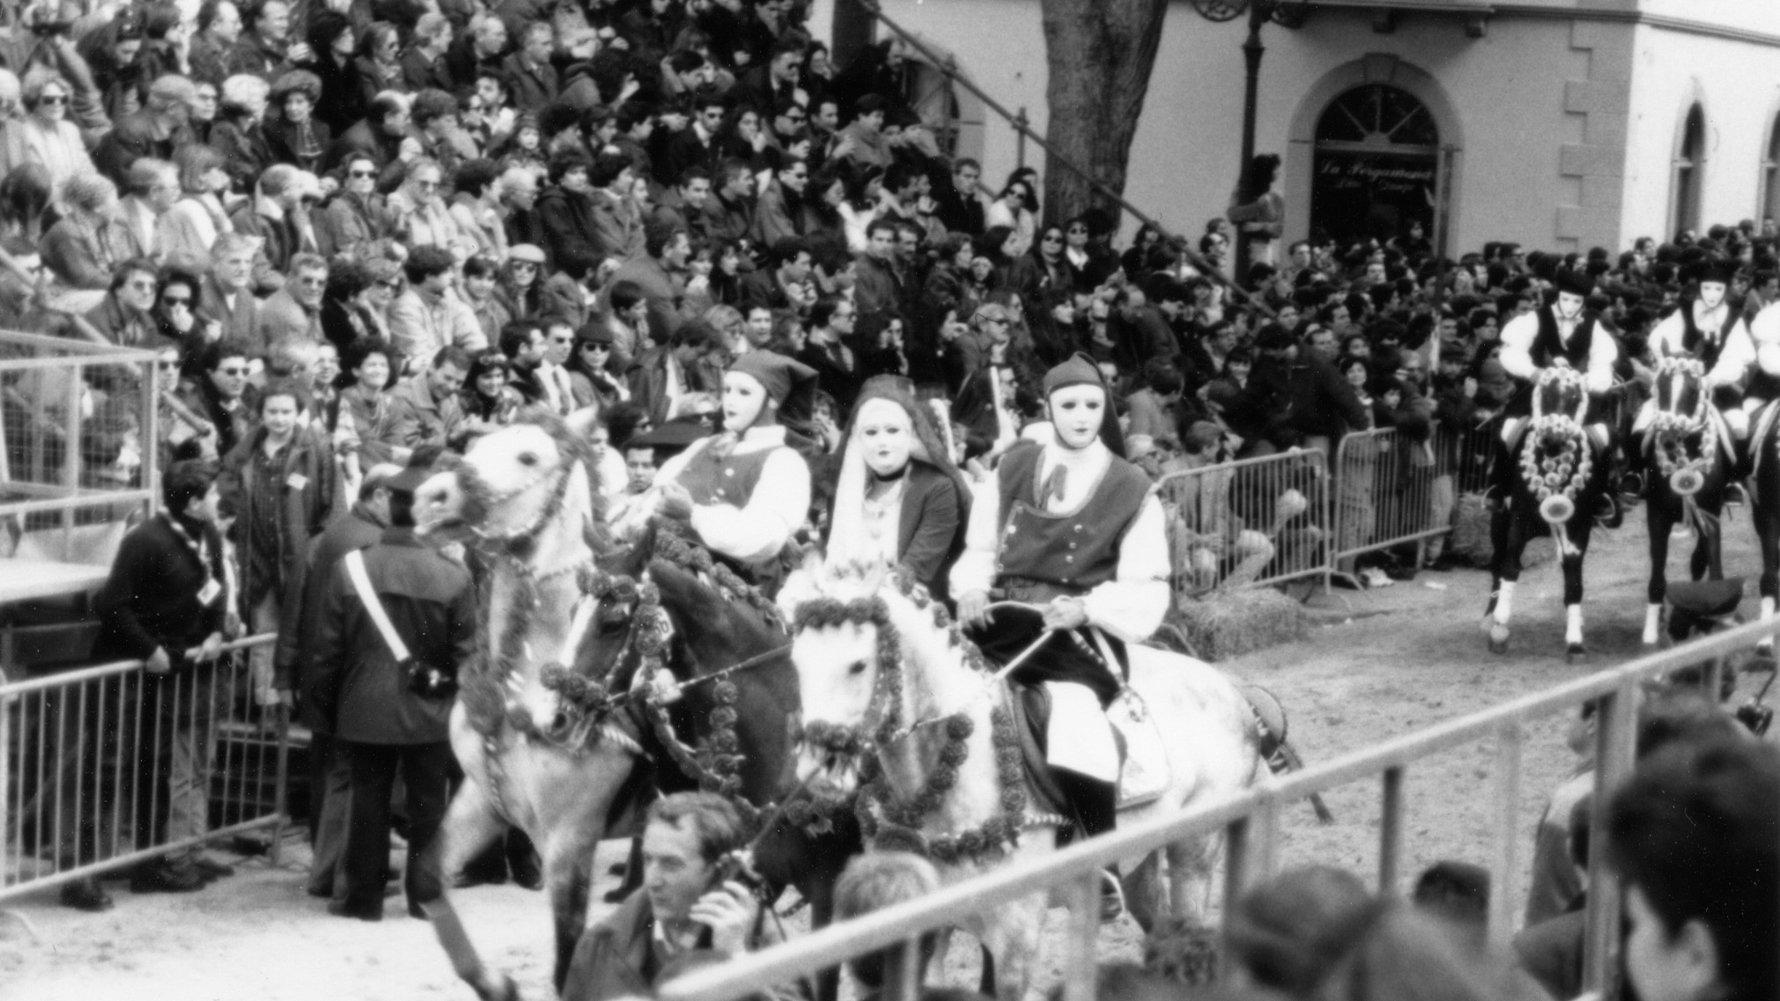 Sa Sartiglia 2020, Oristano's Equestrian Carnival © frabuleuse - Flickr